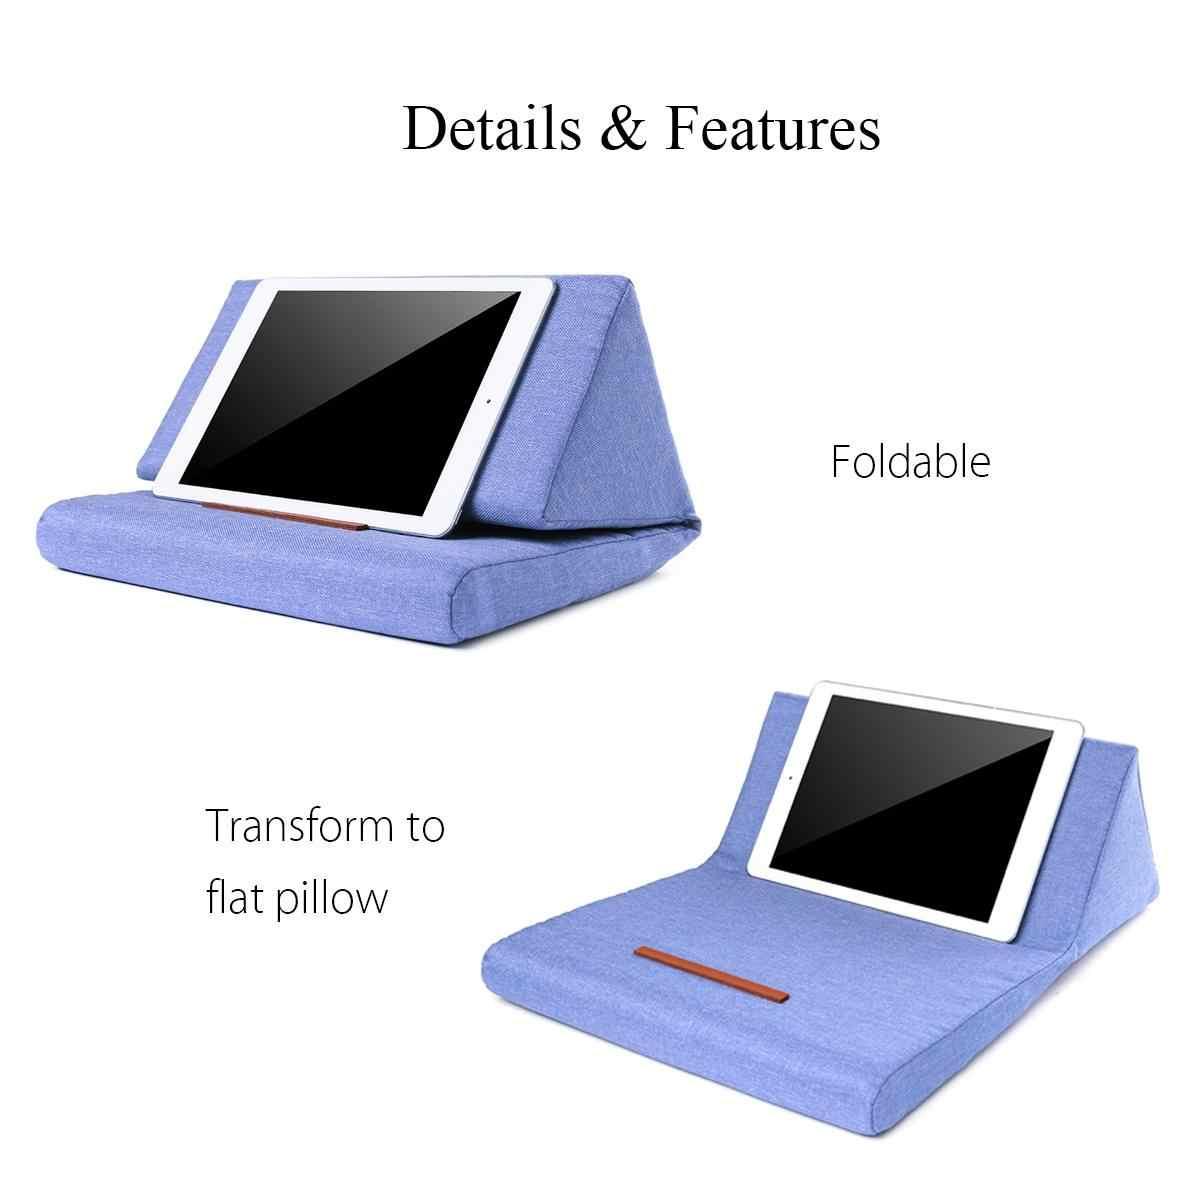 متعددة الوظائف المحمول وسادة حامل الملونة Lapdesk اللوحي الوقوف وسادة البوليستر Cutton PC القراءة قوس وسادة ل ipad